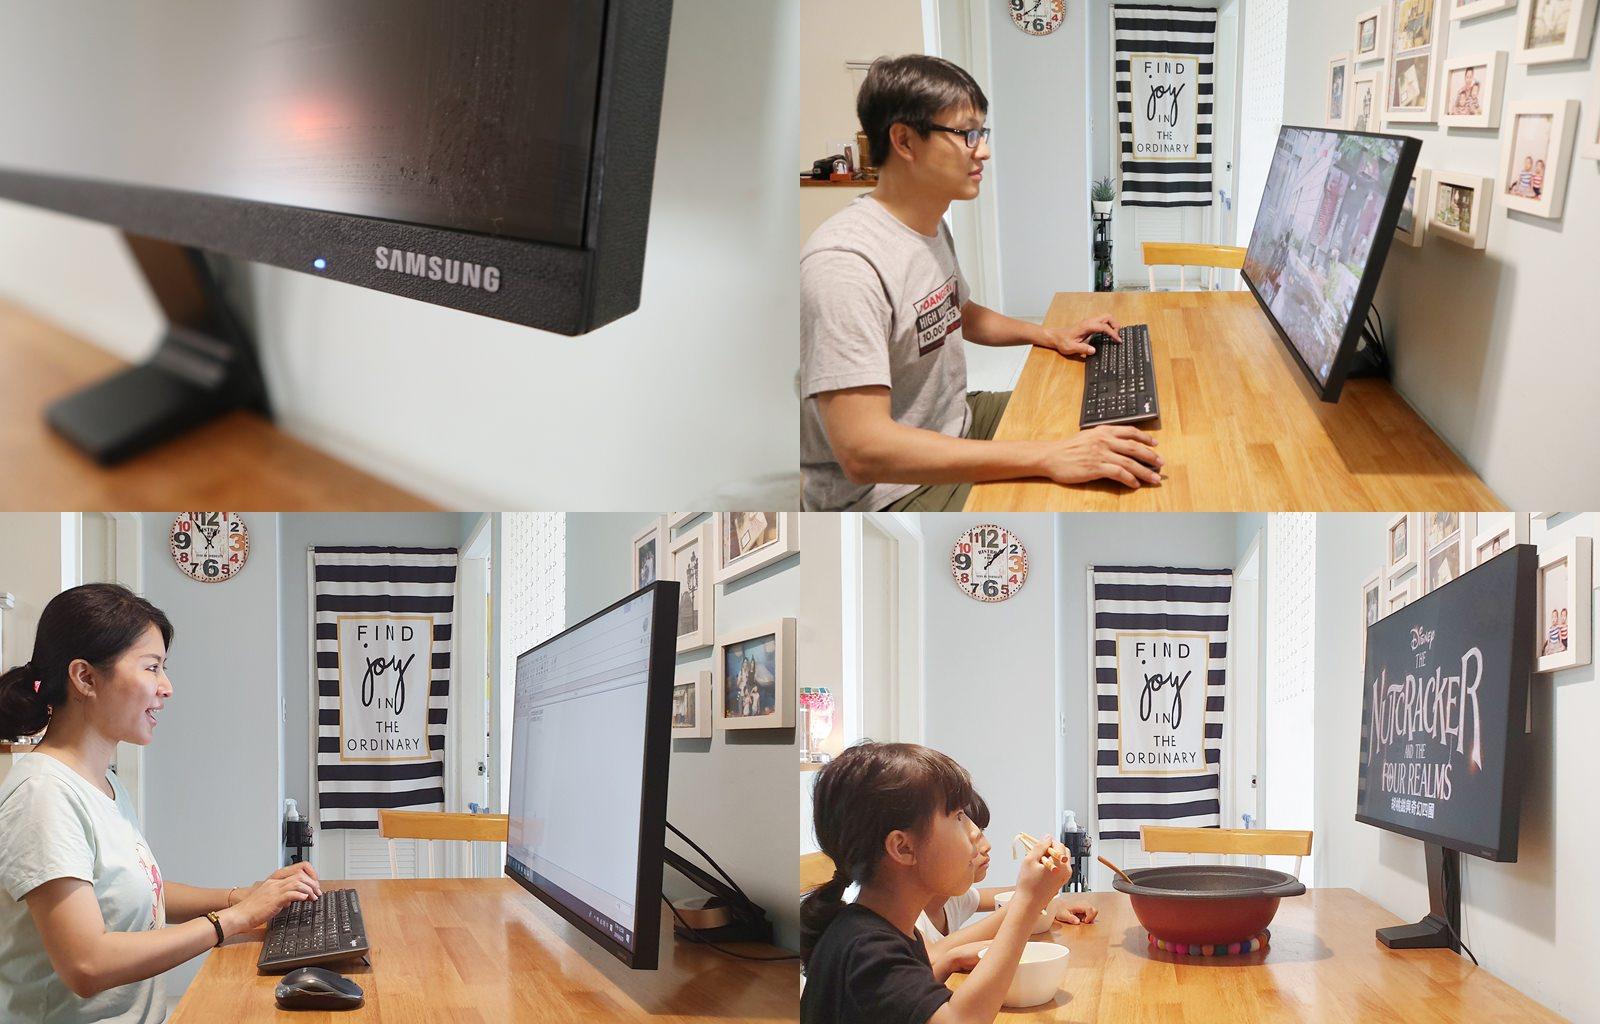 大螢幕才過癮 Samsung 32吋 4K高解析度多段式顯示器 大螢幕 時尚空間首選 (Space Monitor SR75 )